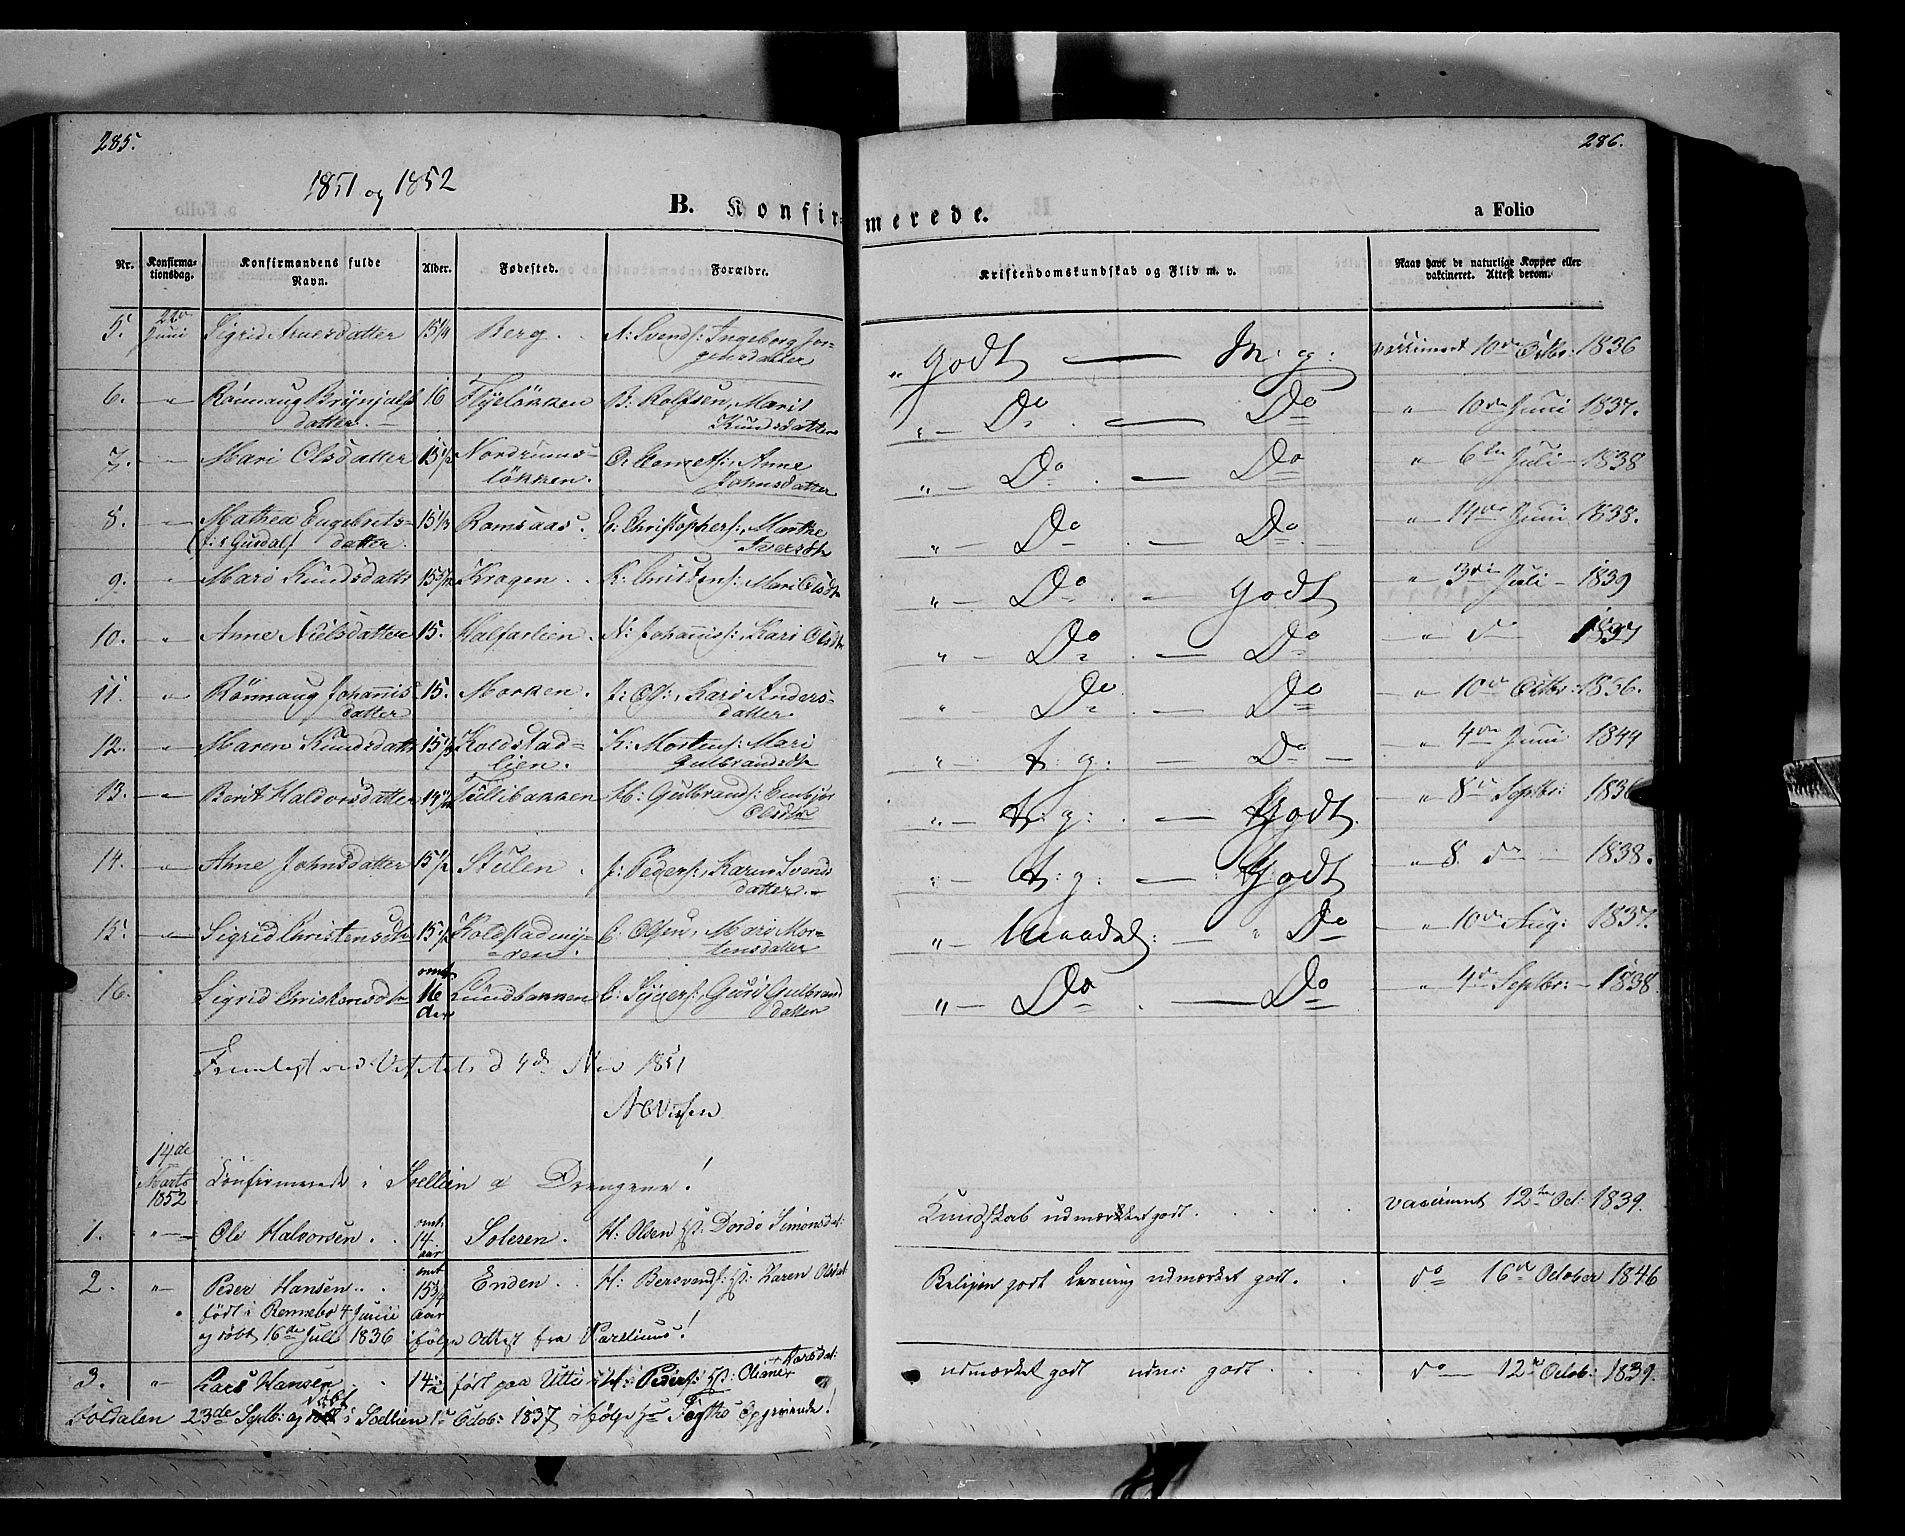 SAH, Ringebu prestekontor, Parish register (official) no. 6, 1848-1859, p. 285-286